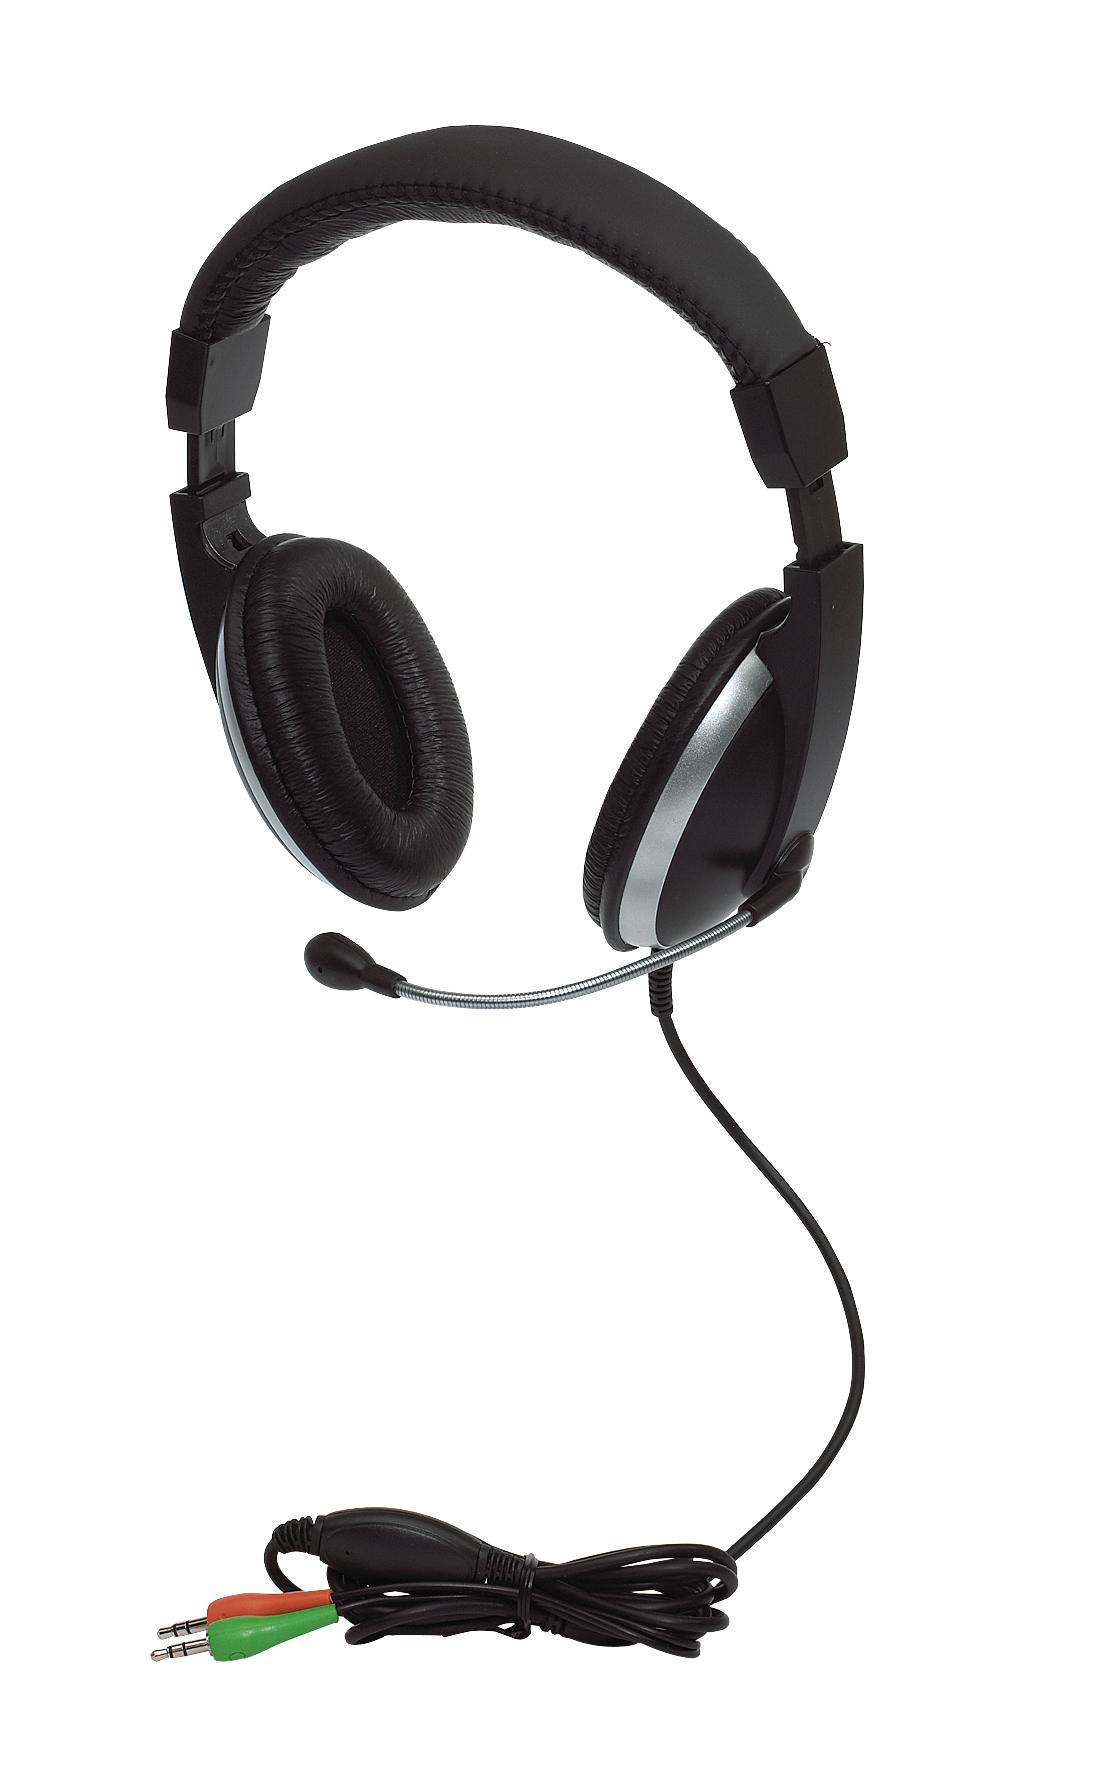 Zestaw słuchawkowy ROSKILDE, czarny, srebrny